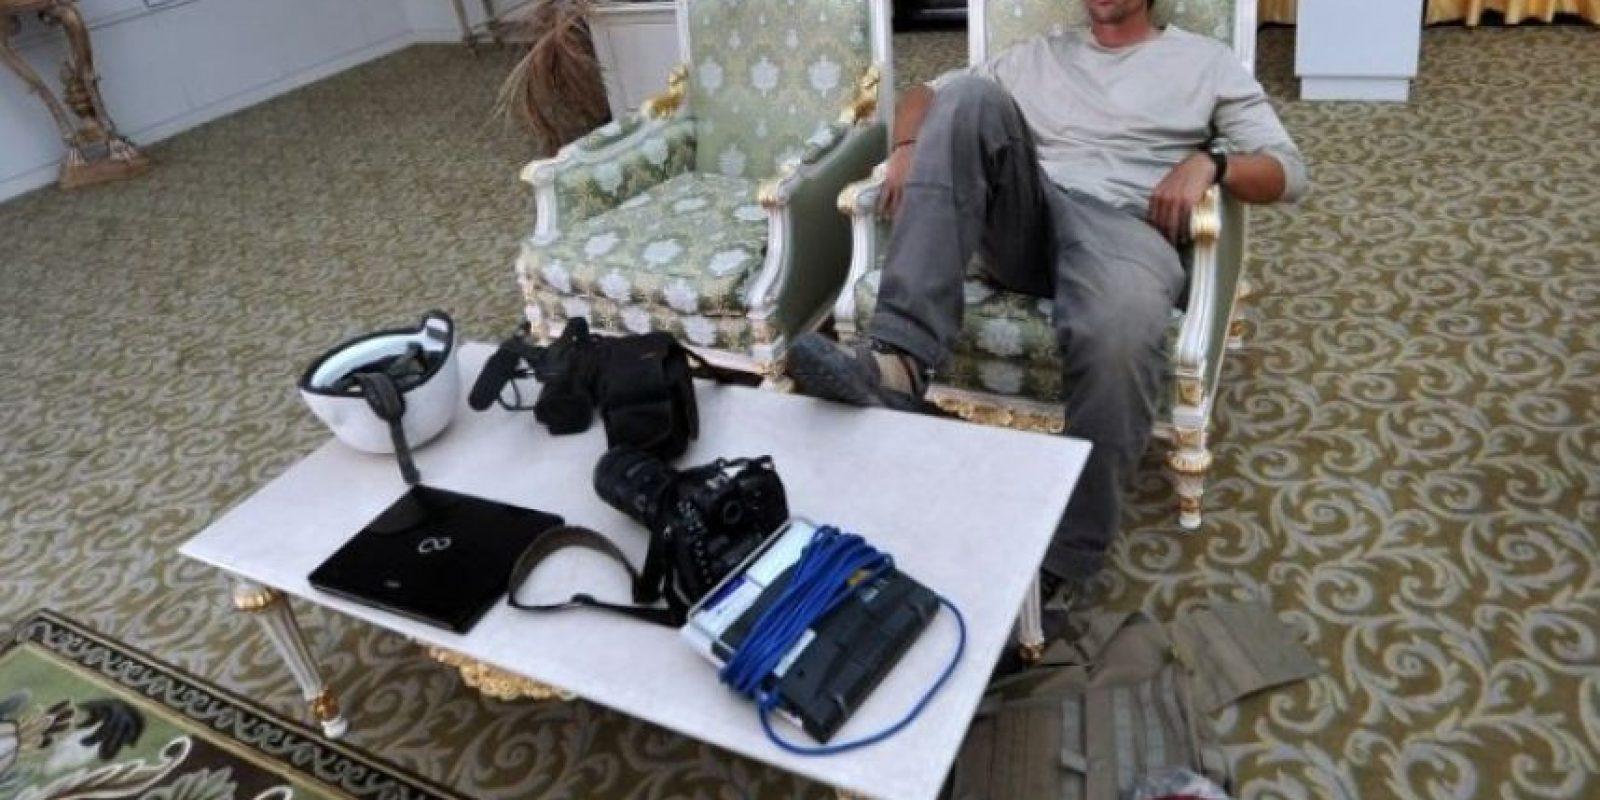 El grupo Estado Islámico difundió un video en el que se muestra la decapitación del periodista estadounidense James Foley, quien había sido capturado en Siria en 2013. Foto:AFP